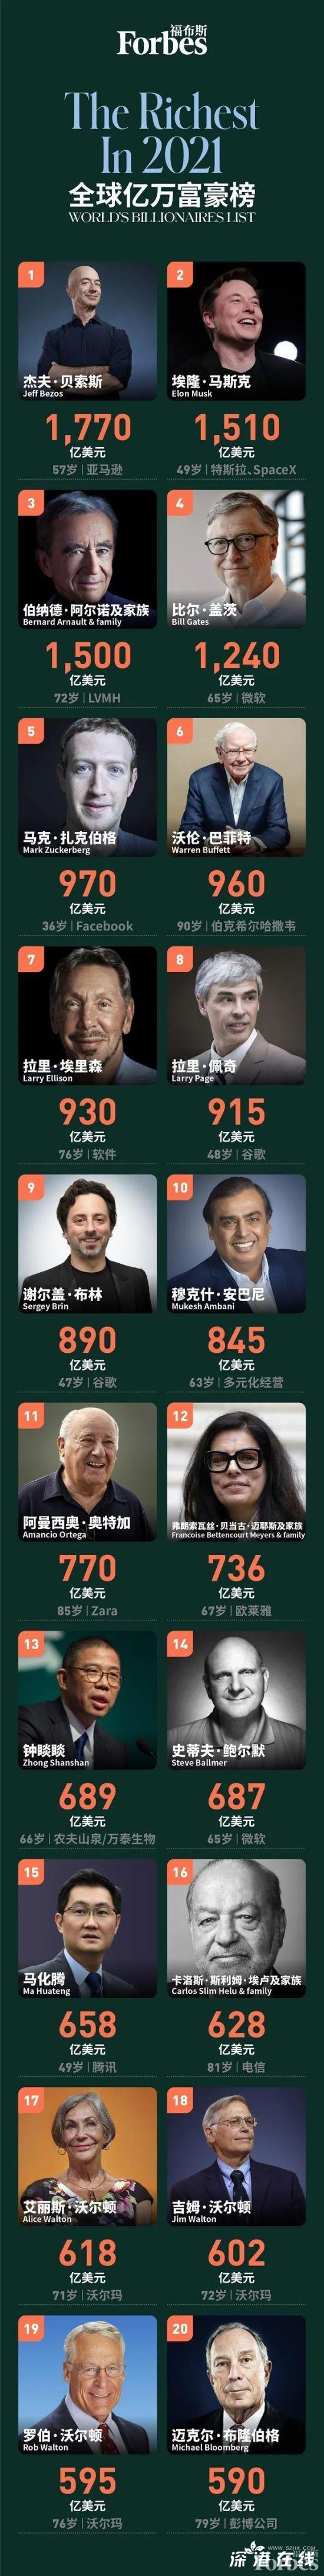 2021福布斯全球亿万富豪榜 前20都有谁?